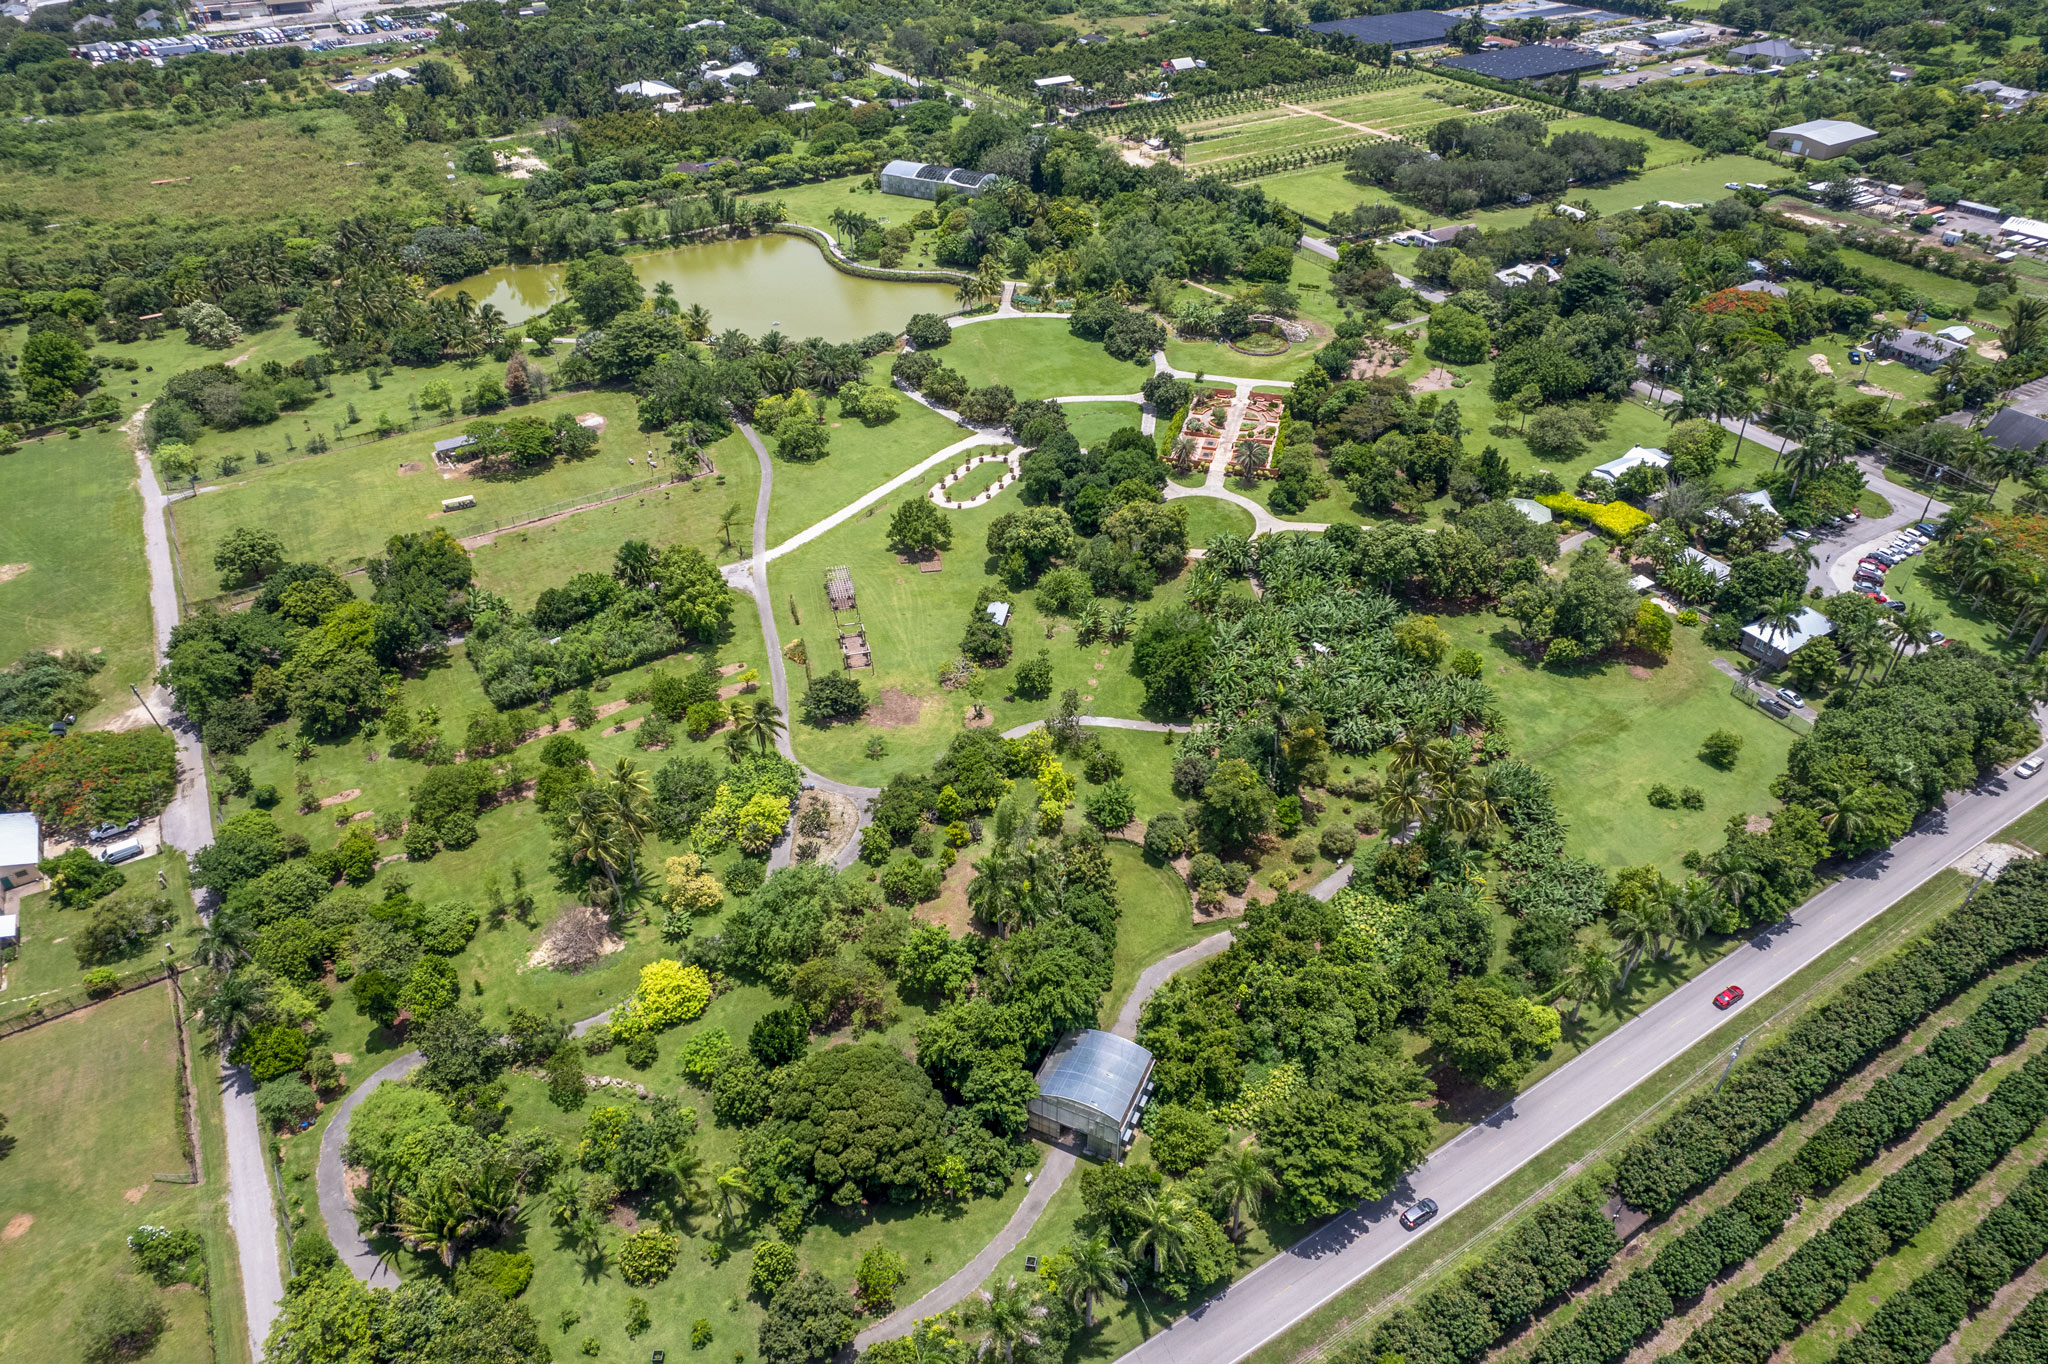 Fruit & Spice Park aerial view - southwest